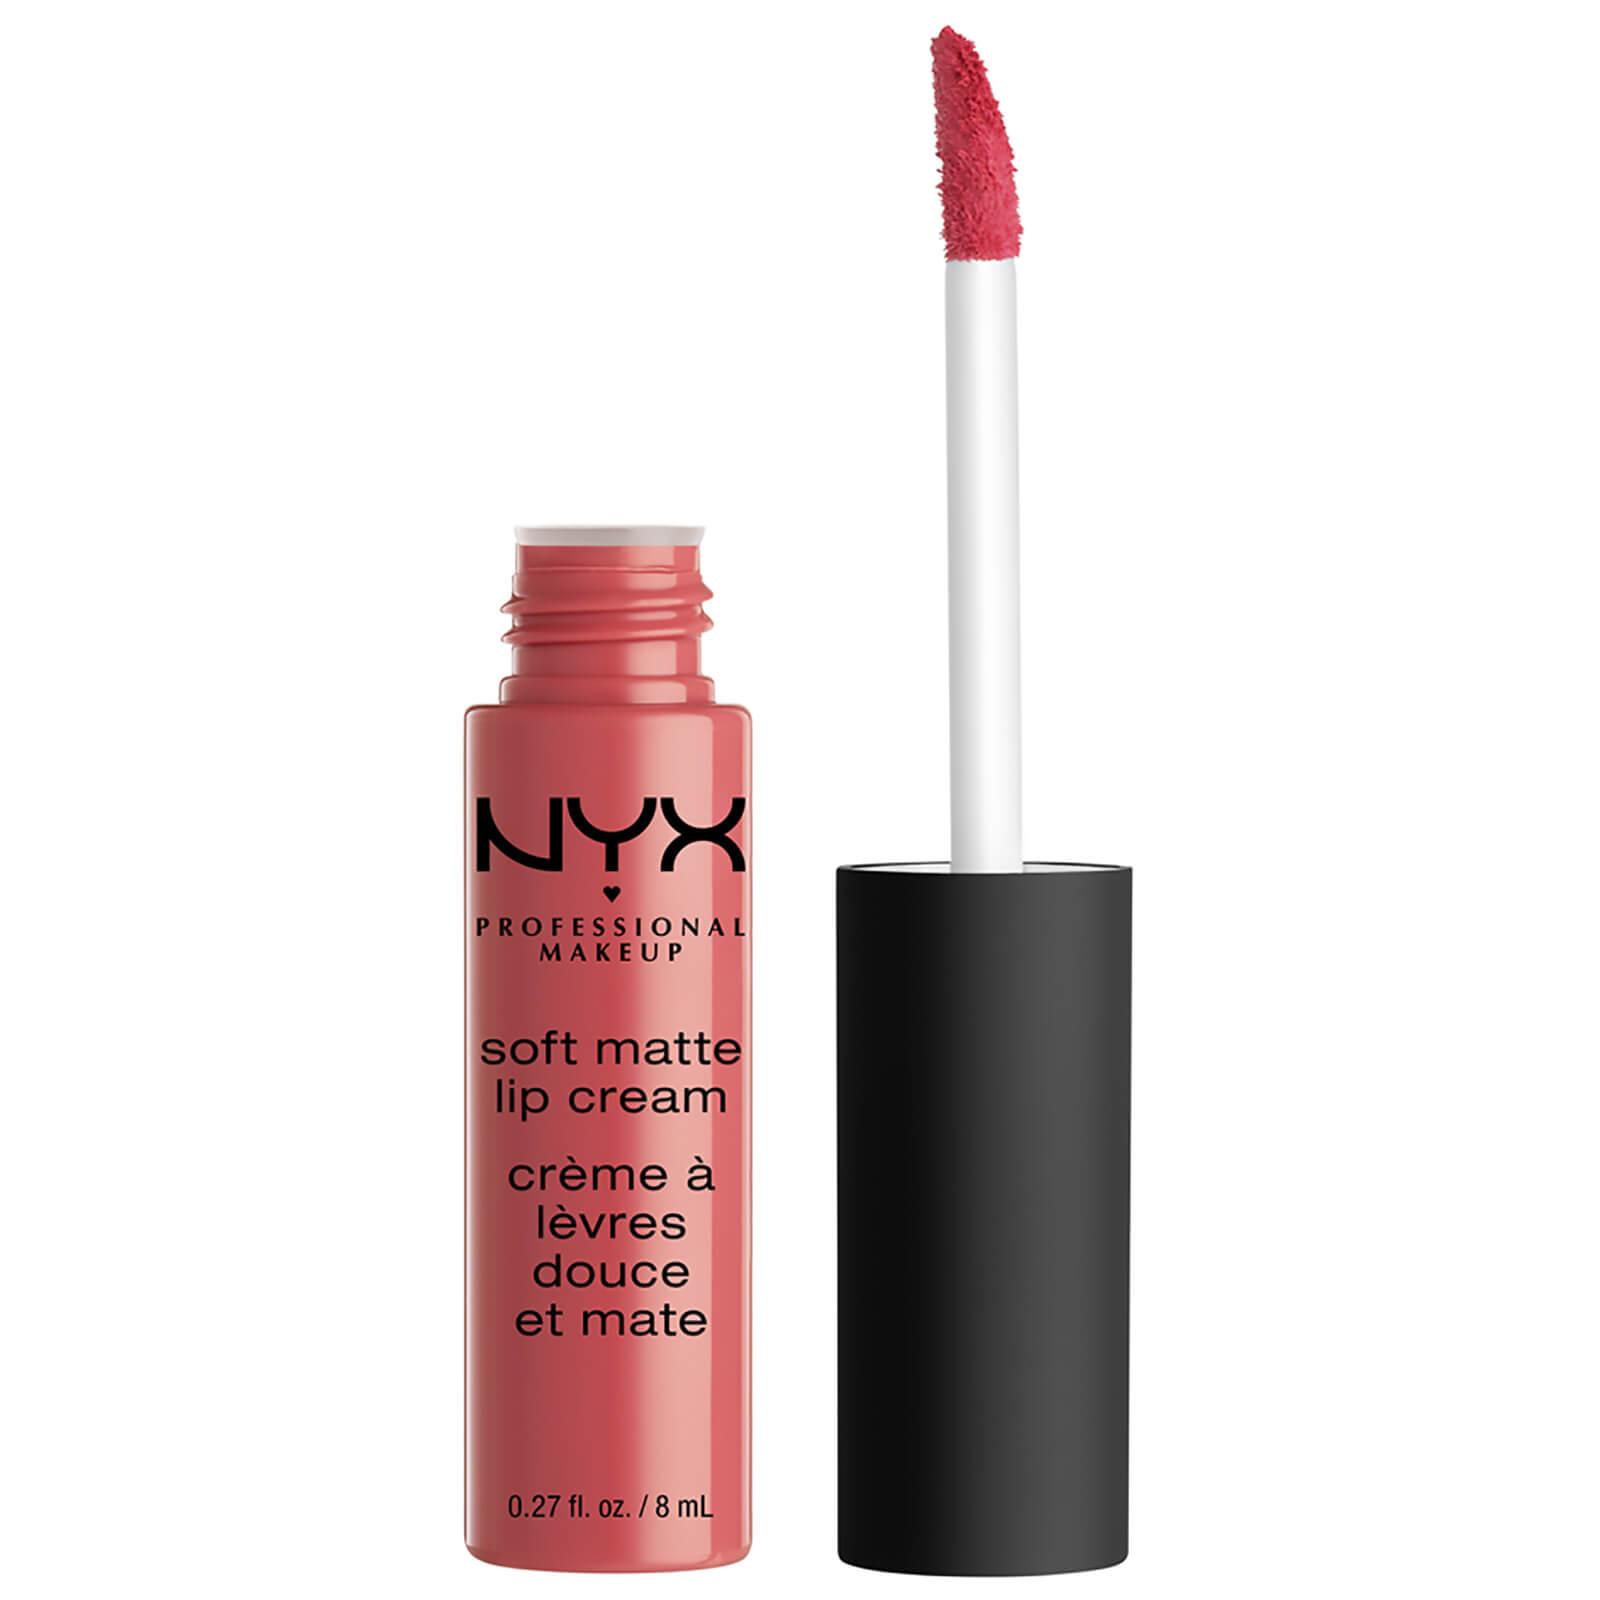 Купить Матовая жидкая помада NYX Professional Makeup Soft Matte Lip Cream (разные оттенки) - Antwerp